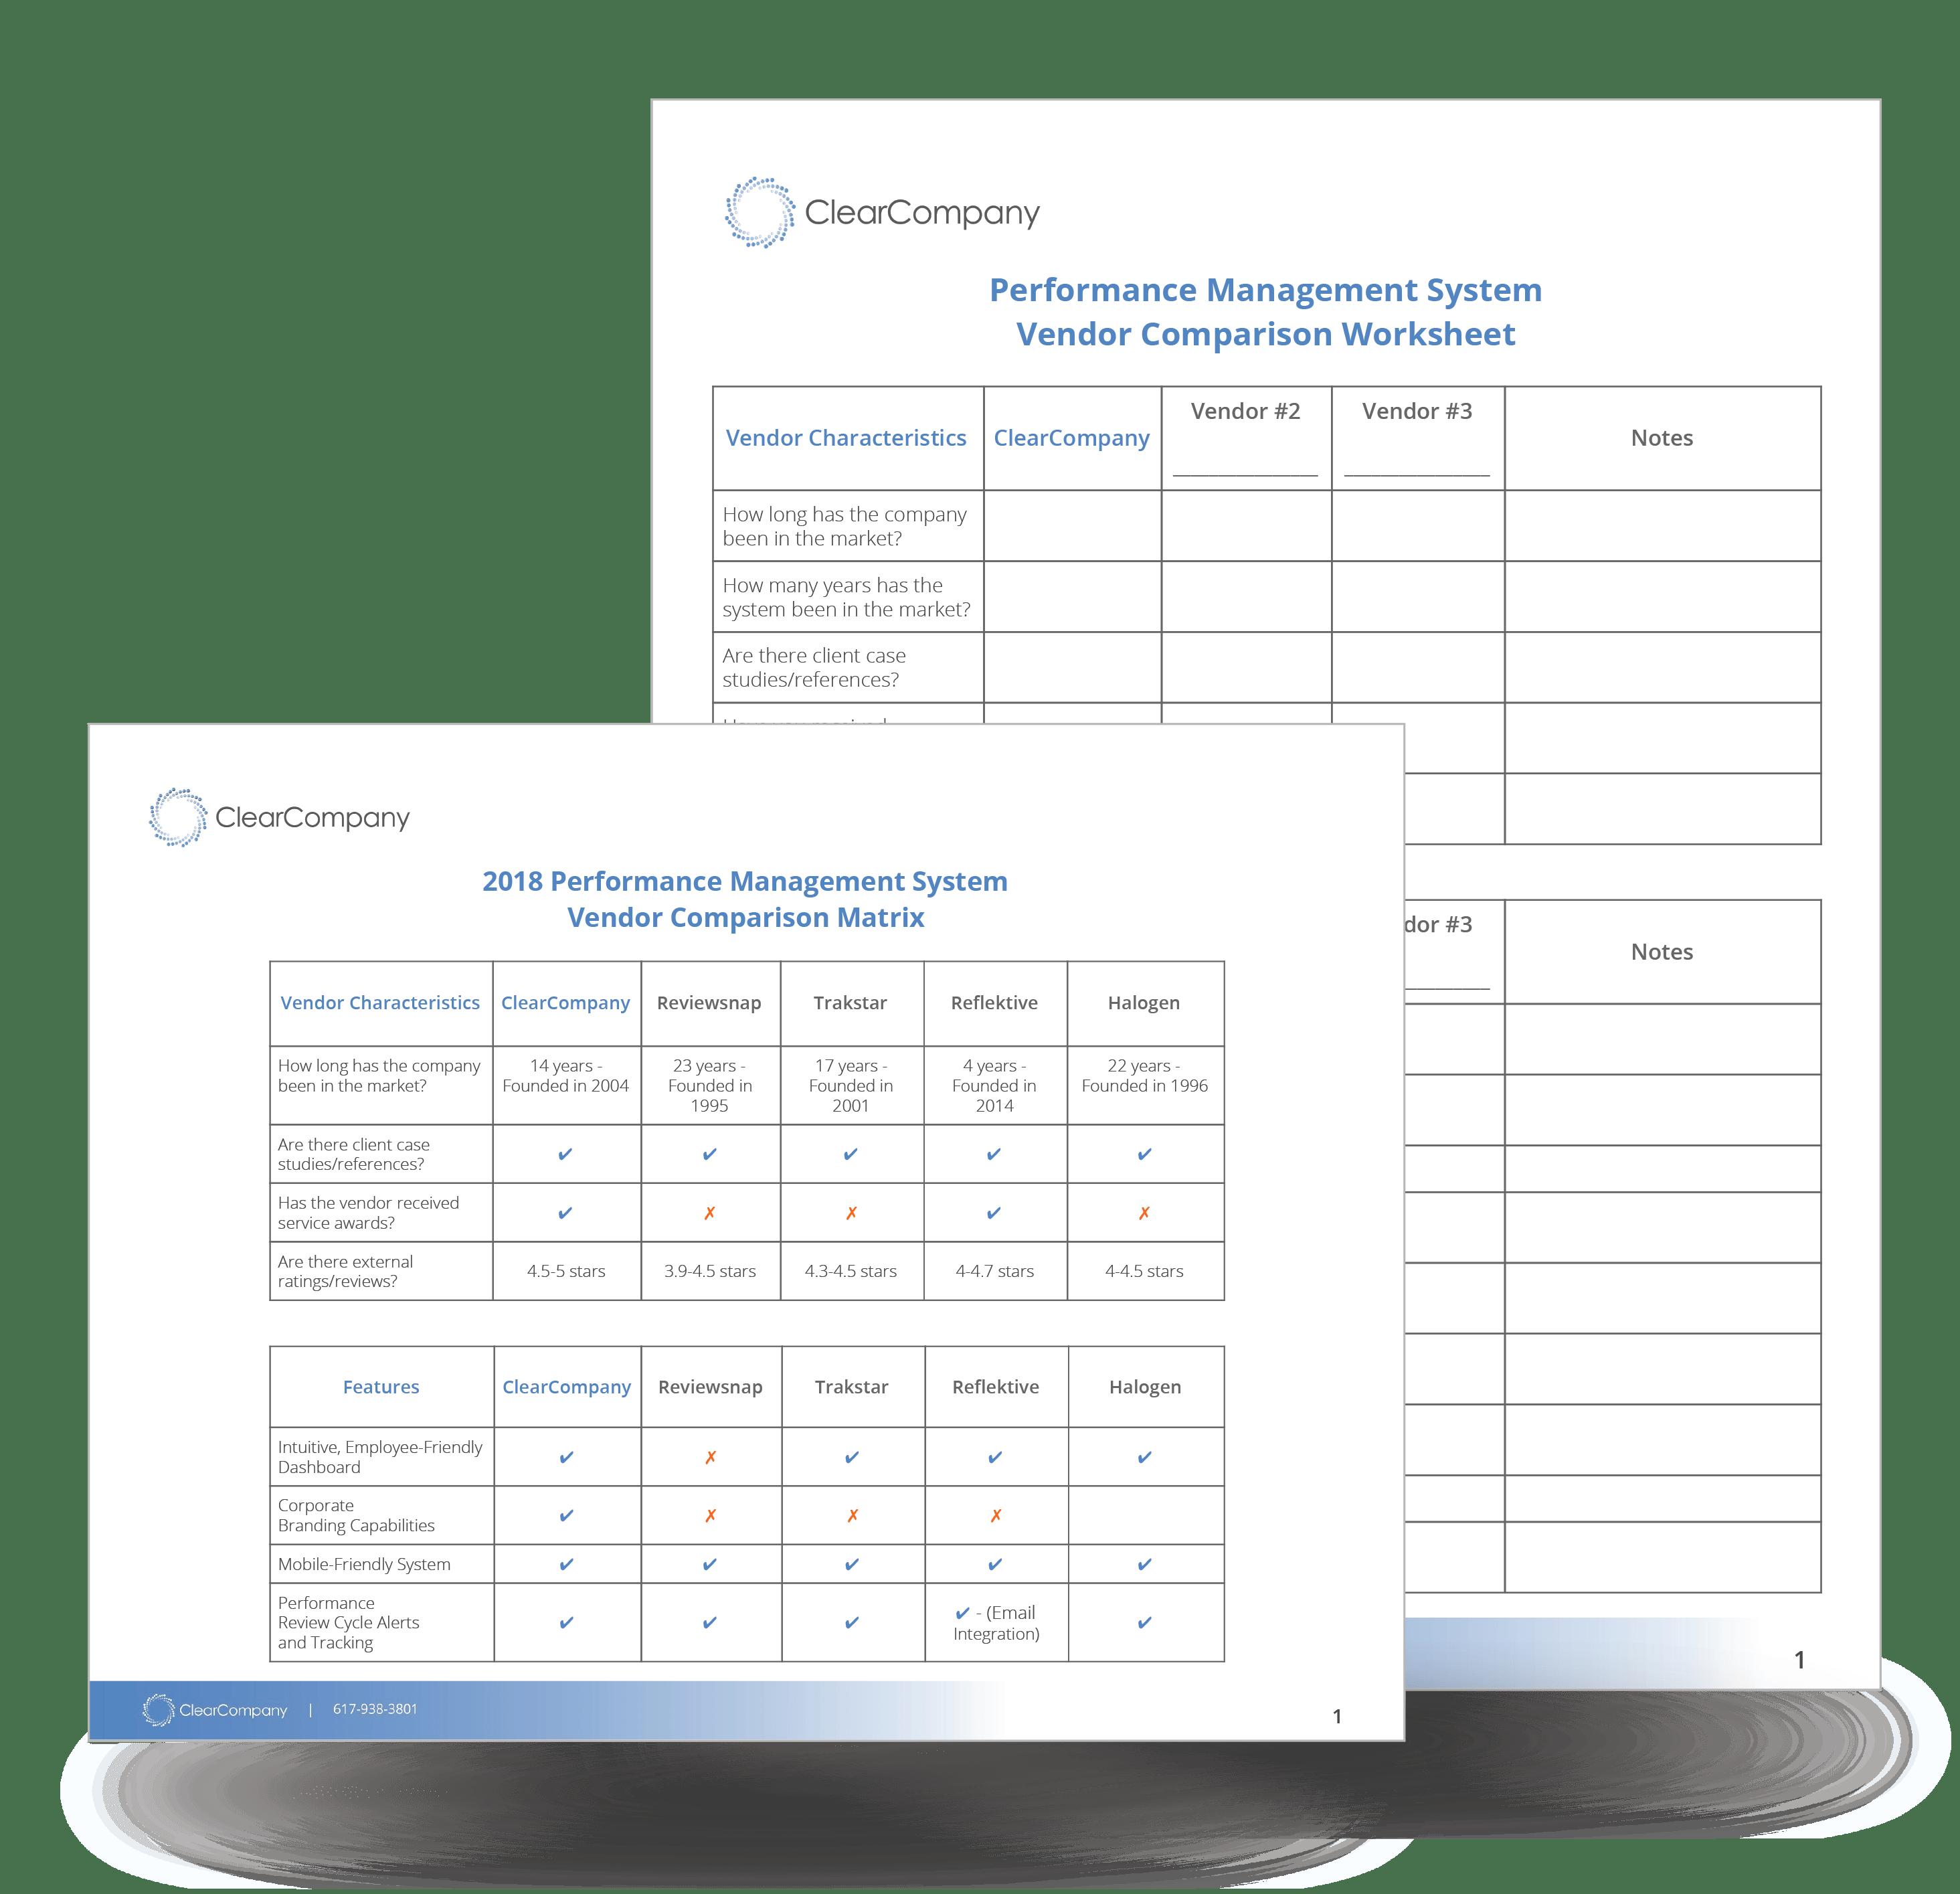 Performance Management Vendor Comparison Matrix